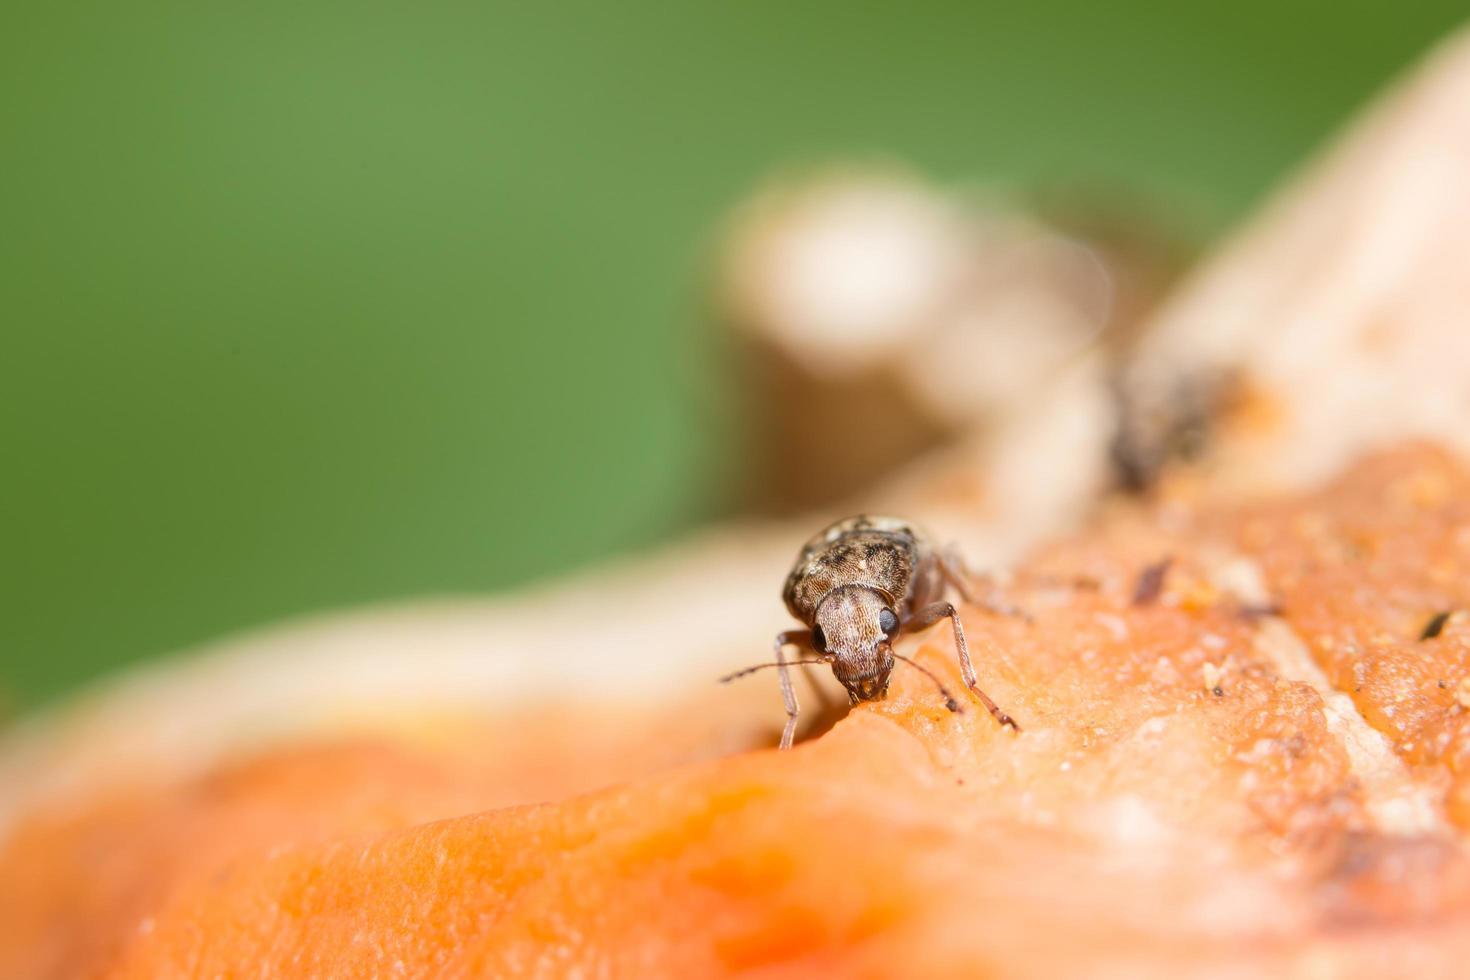 curculionoidea insekt närbild foto